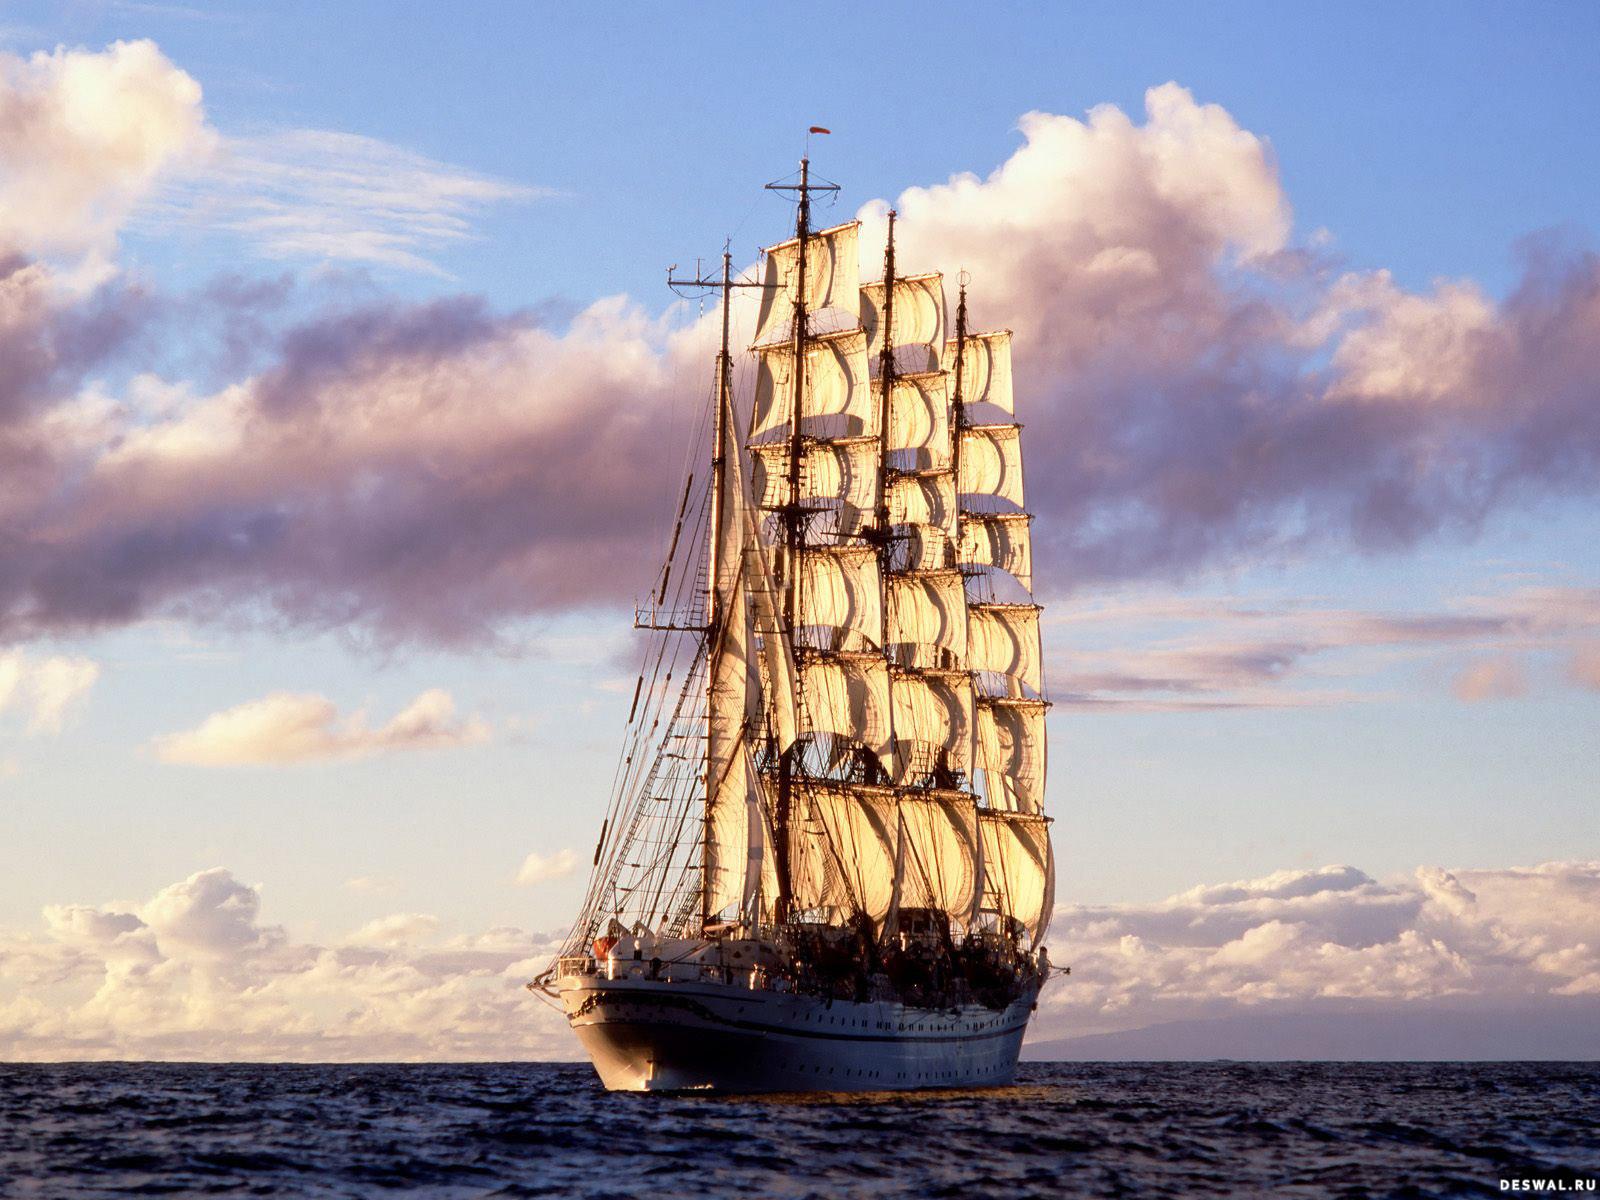 Старое парусное судно в море